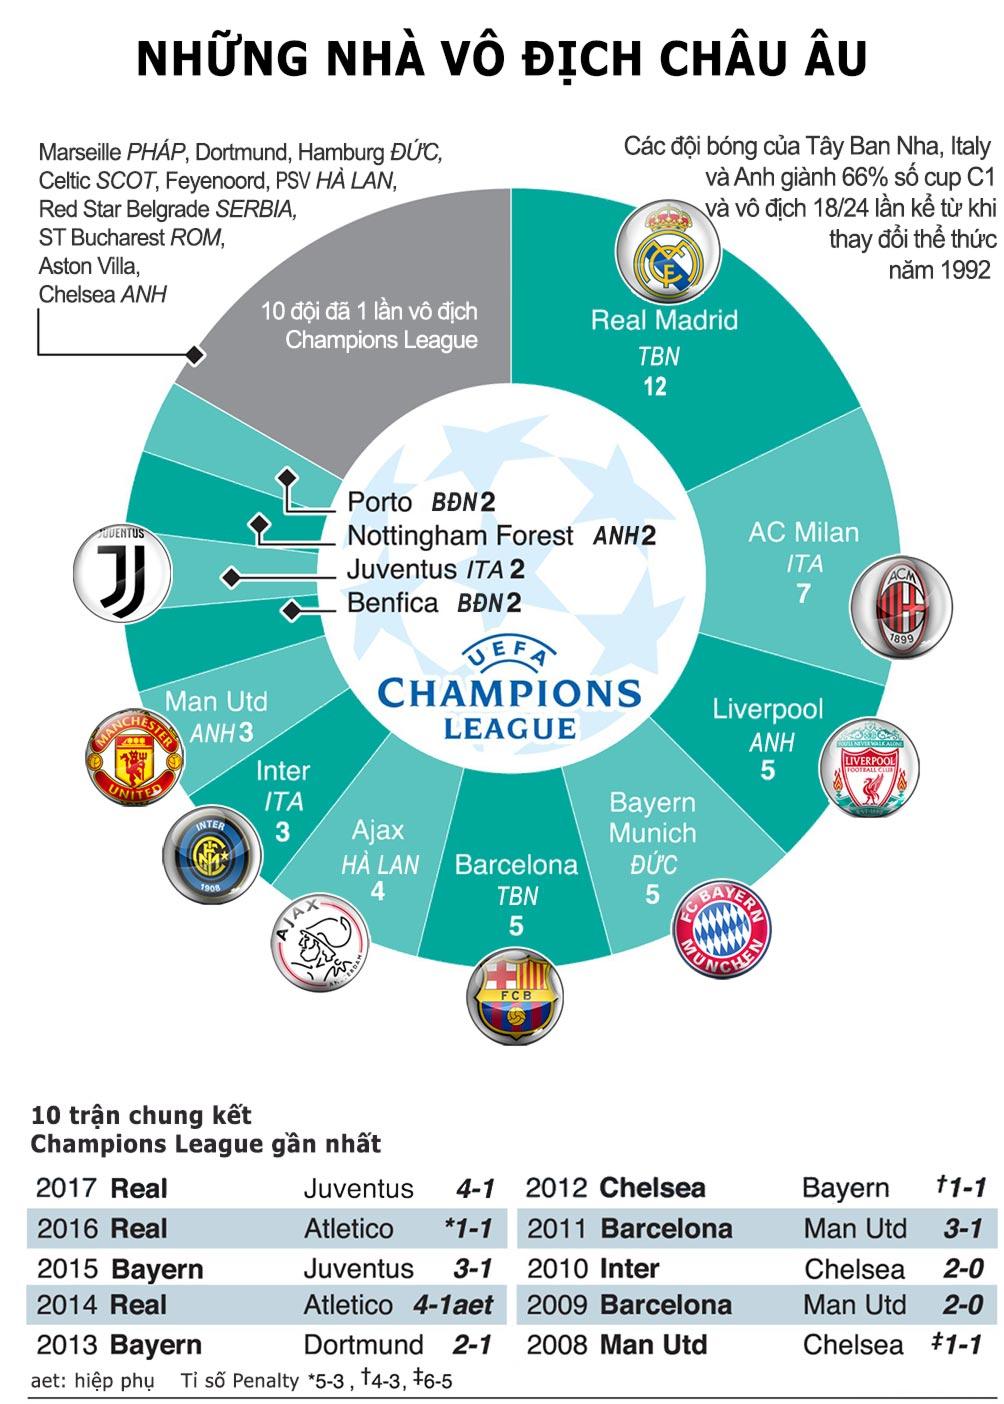 Cúp C1 trở lại: Cuộc chiến vương quyền, Ronaldo - Messi đua vĩ đại nhất (Infographic) - 2